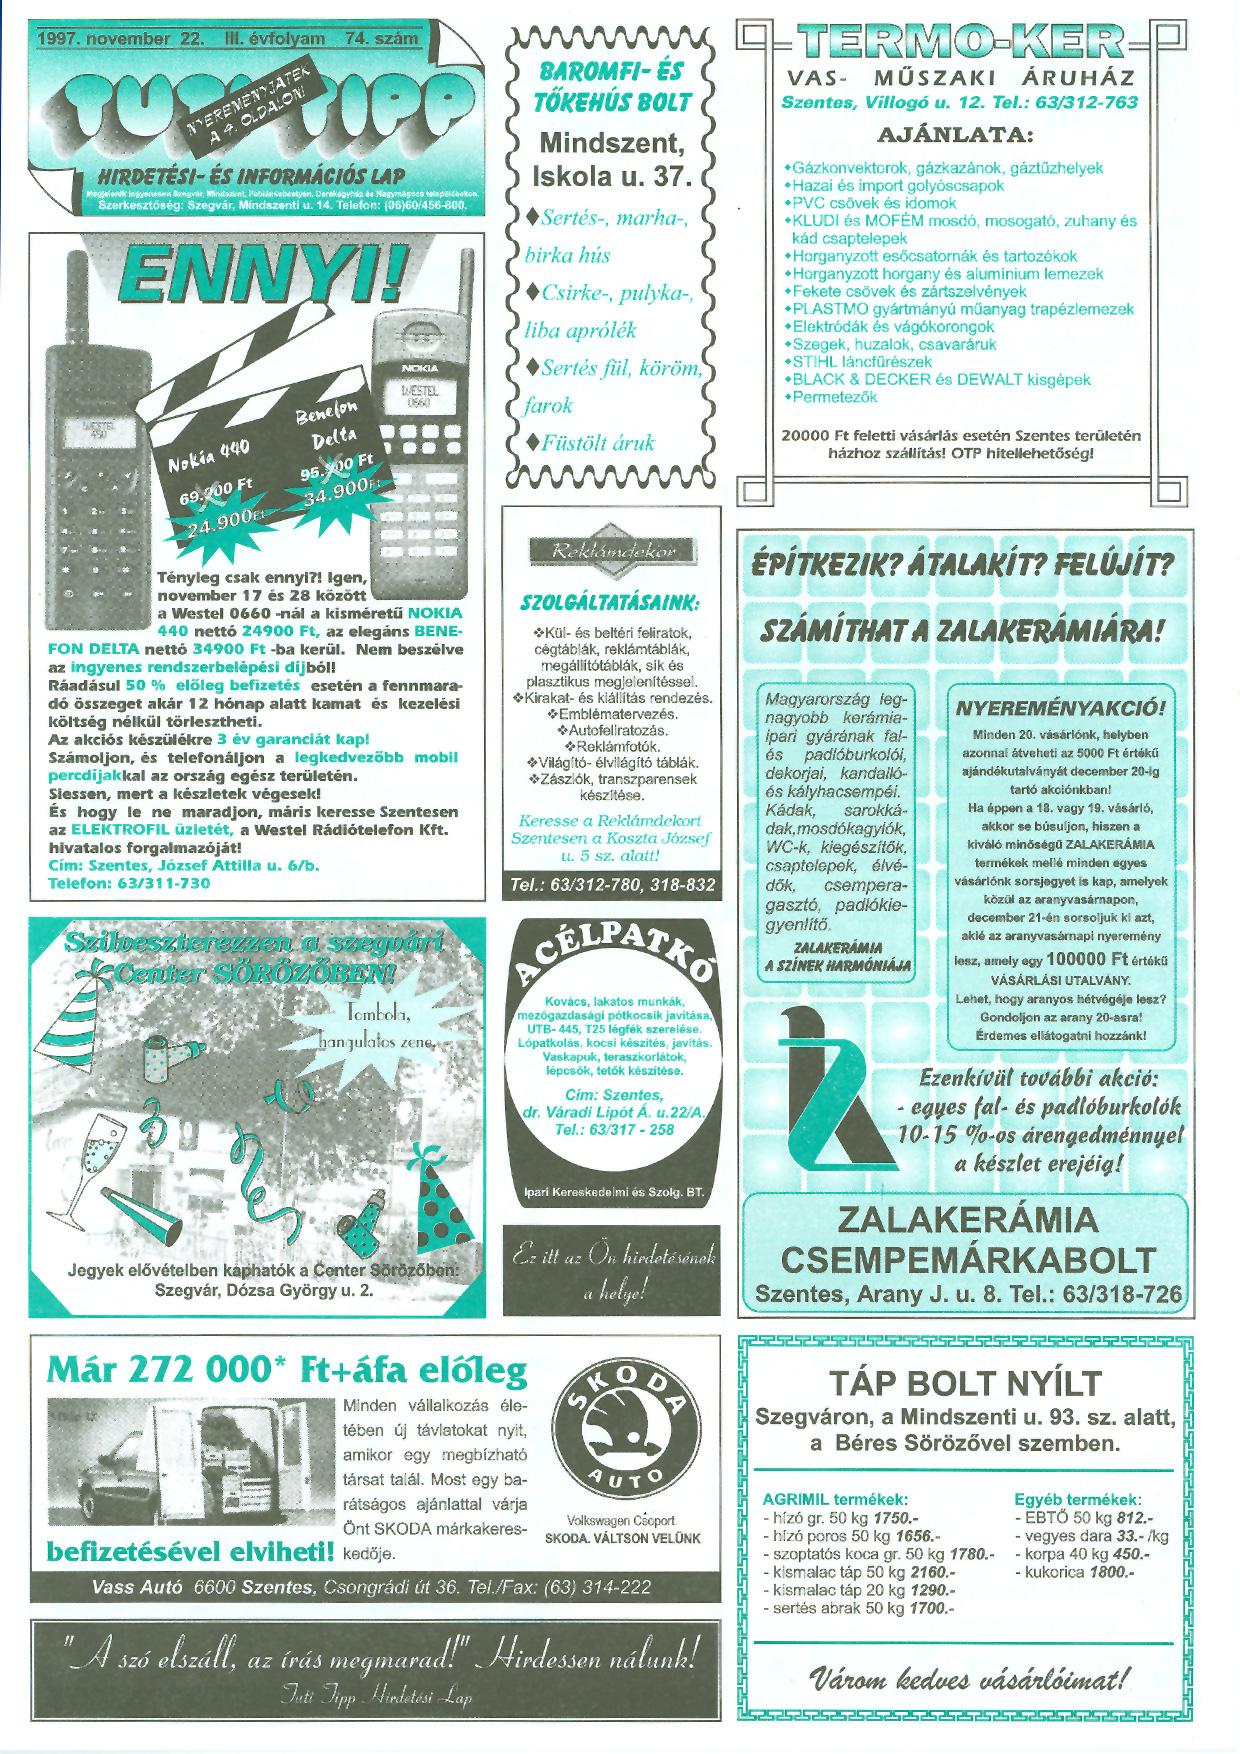 043 Tuti Tipp reklámújság - 19971122-074. lapszám - 1.oldal - III. évfolyam.jpg